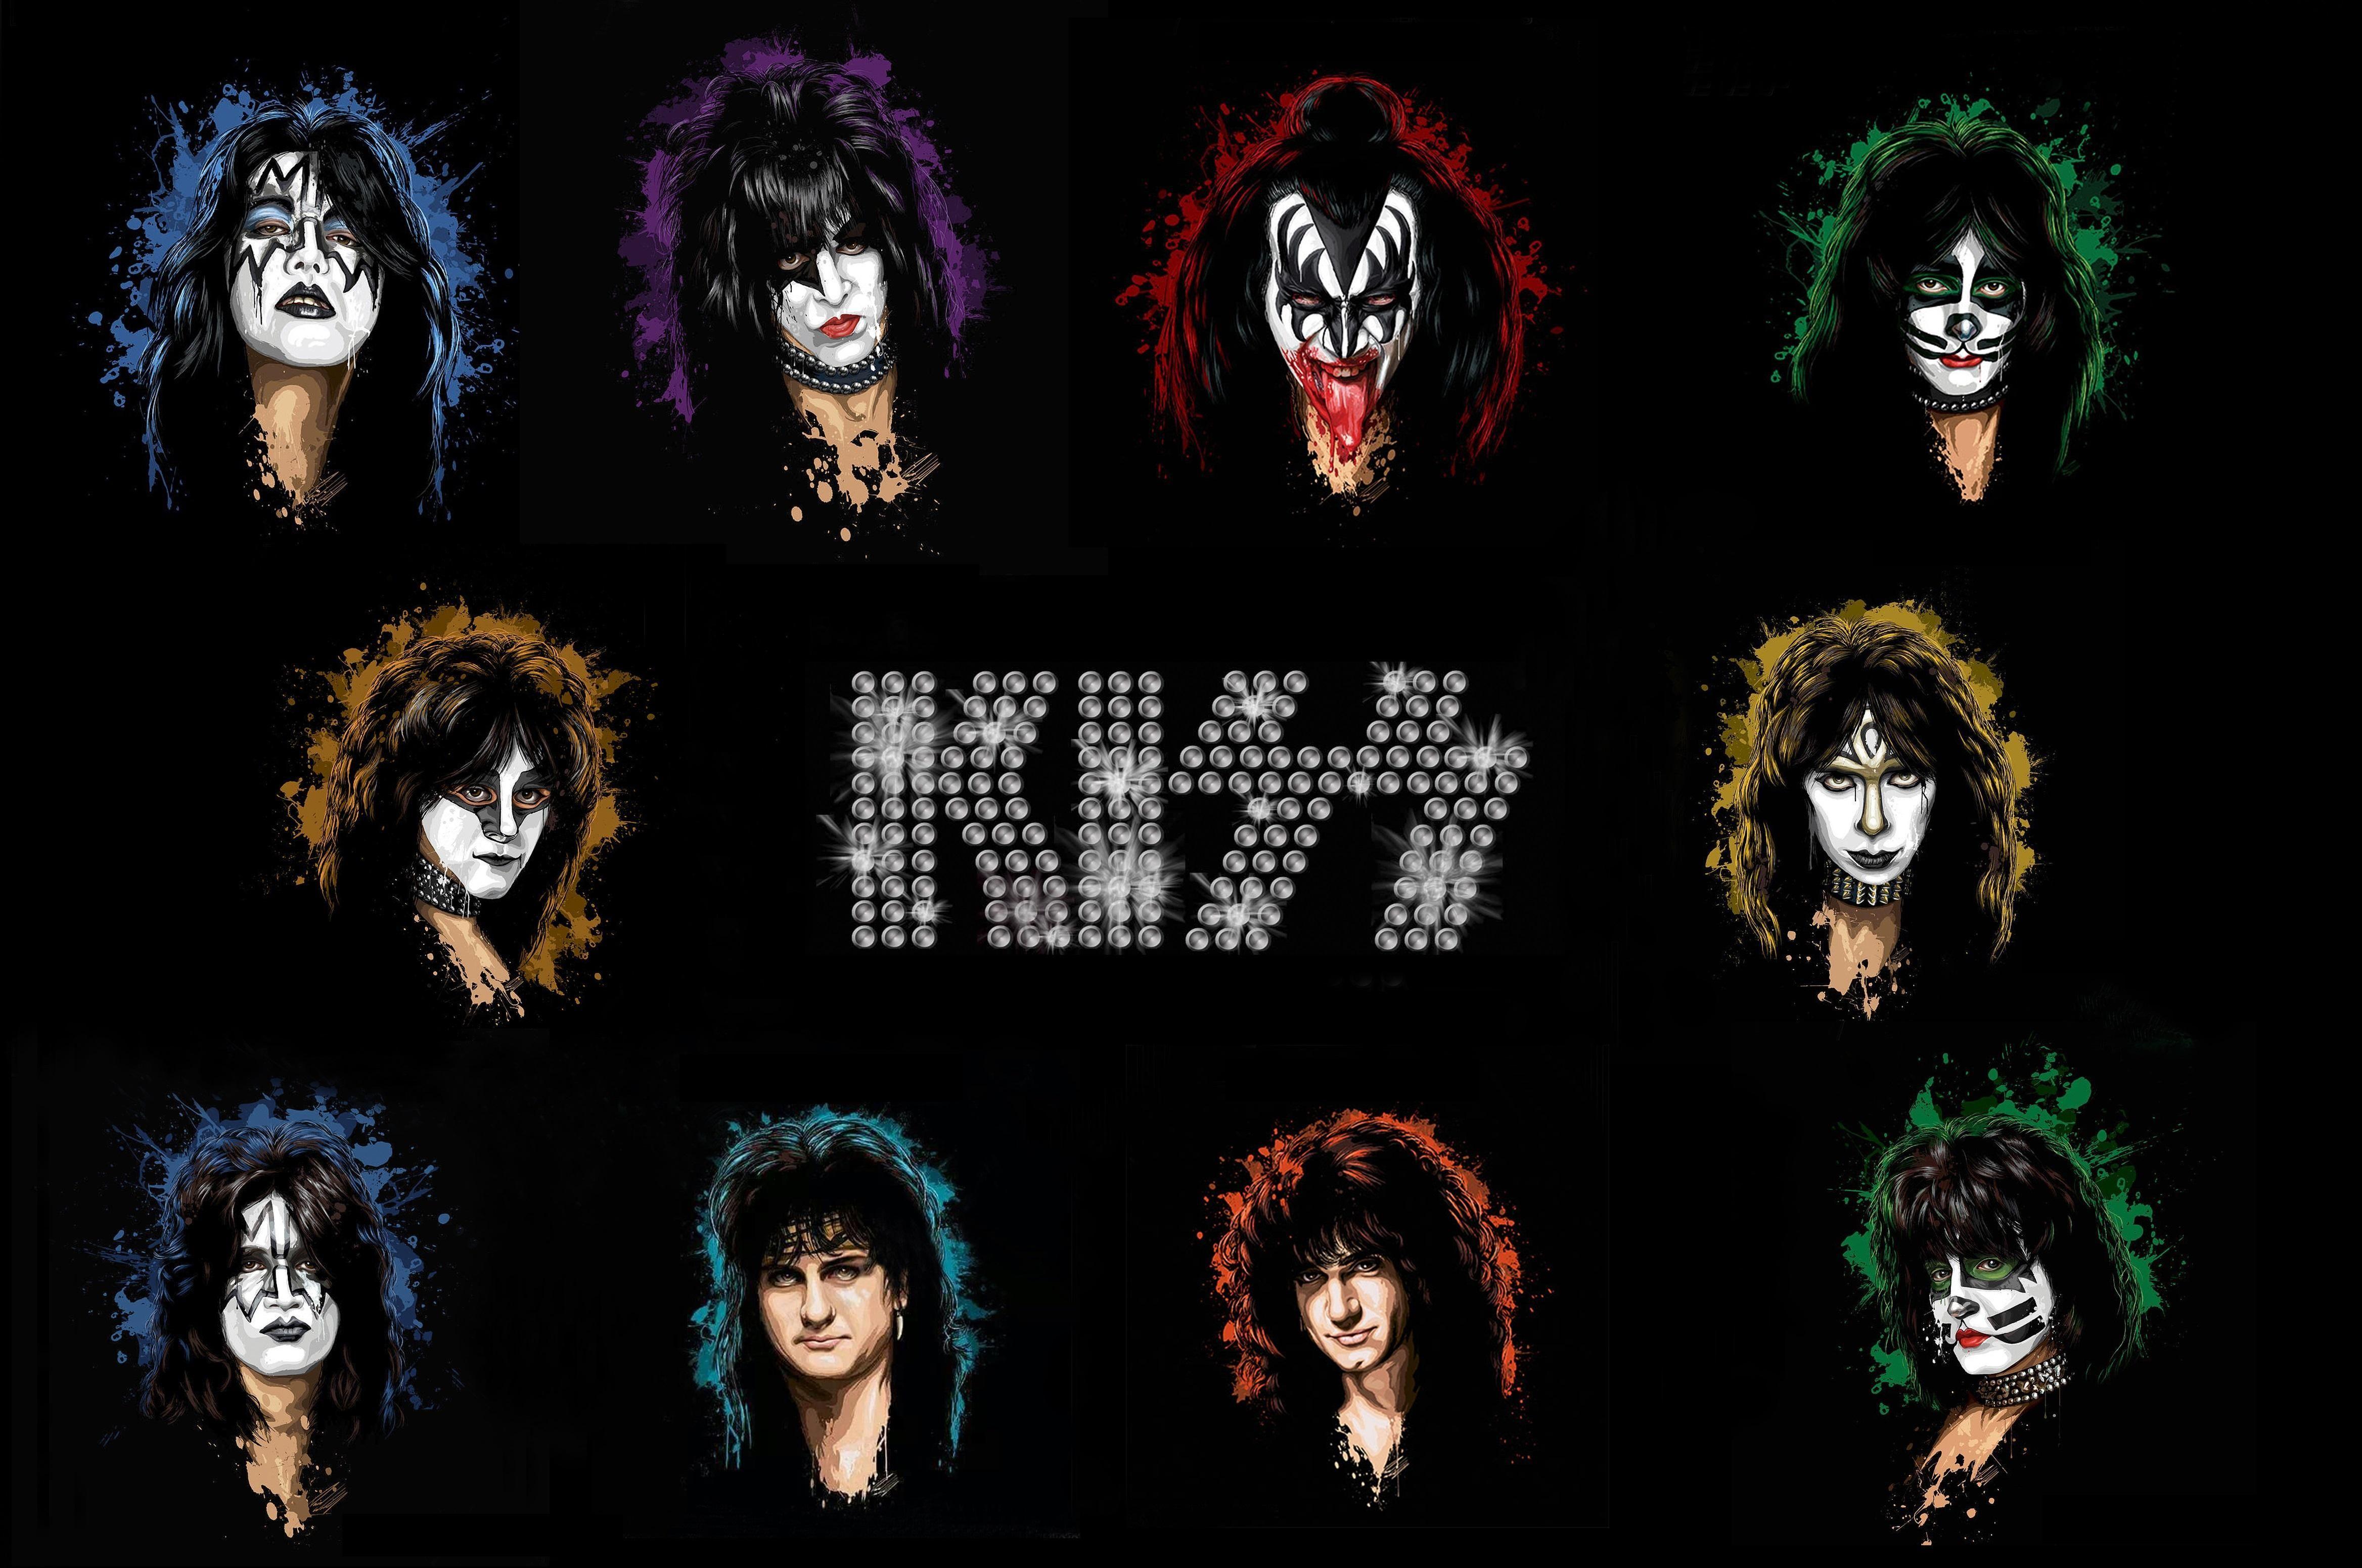 ¿Quién fue el primer miembro en dejar la banda?